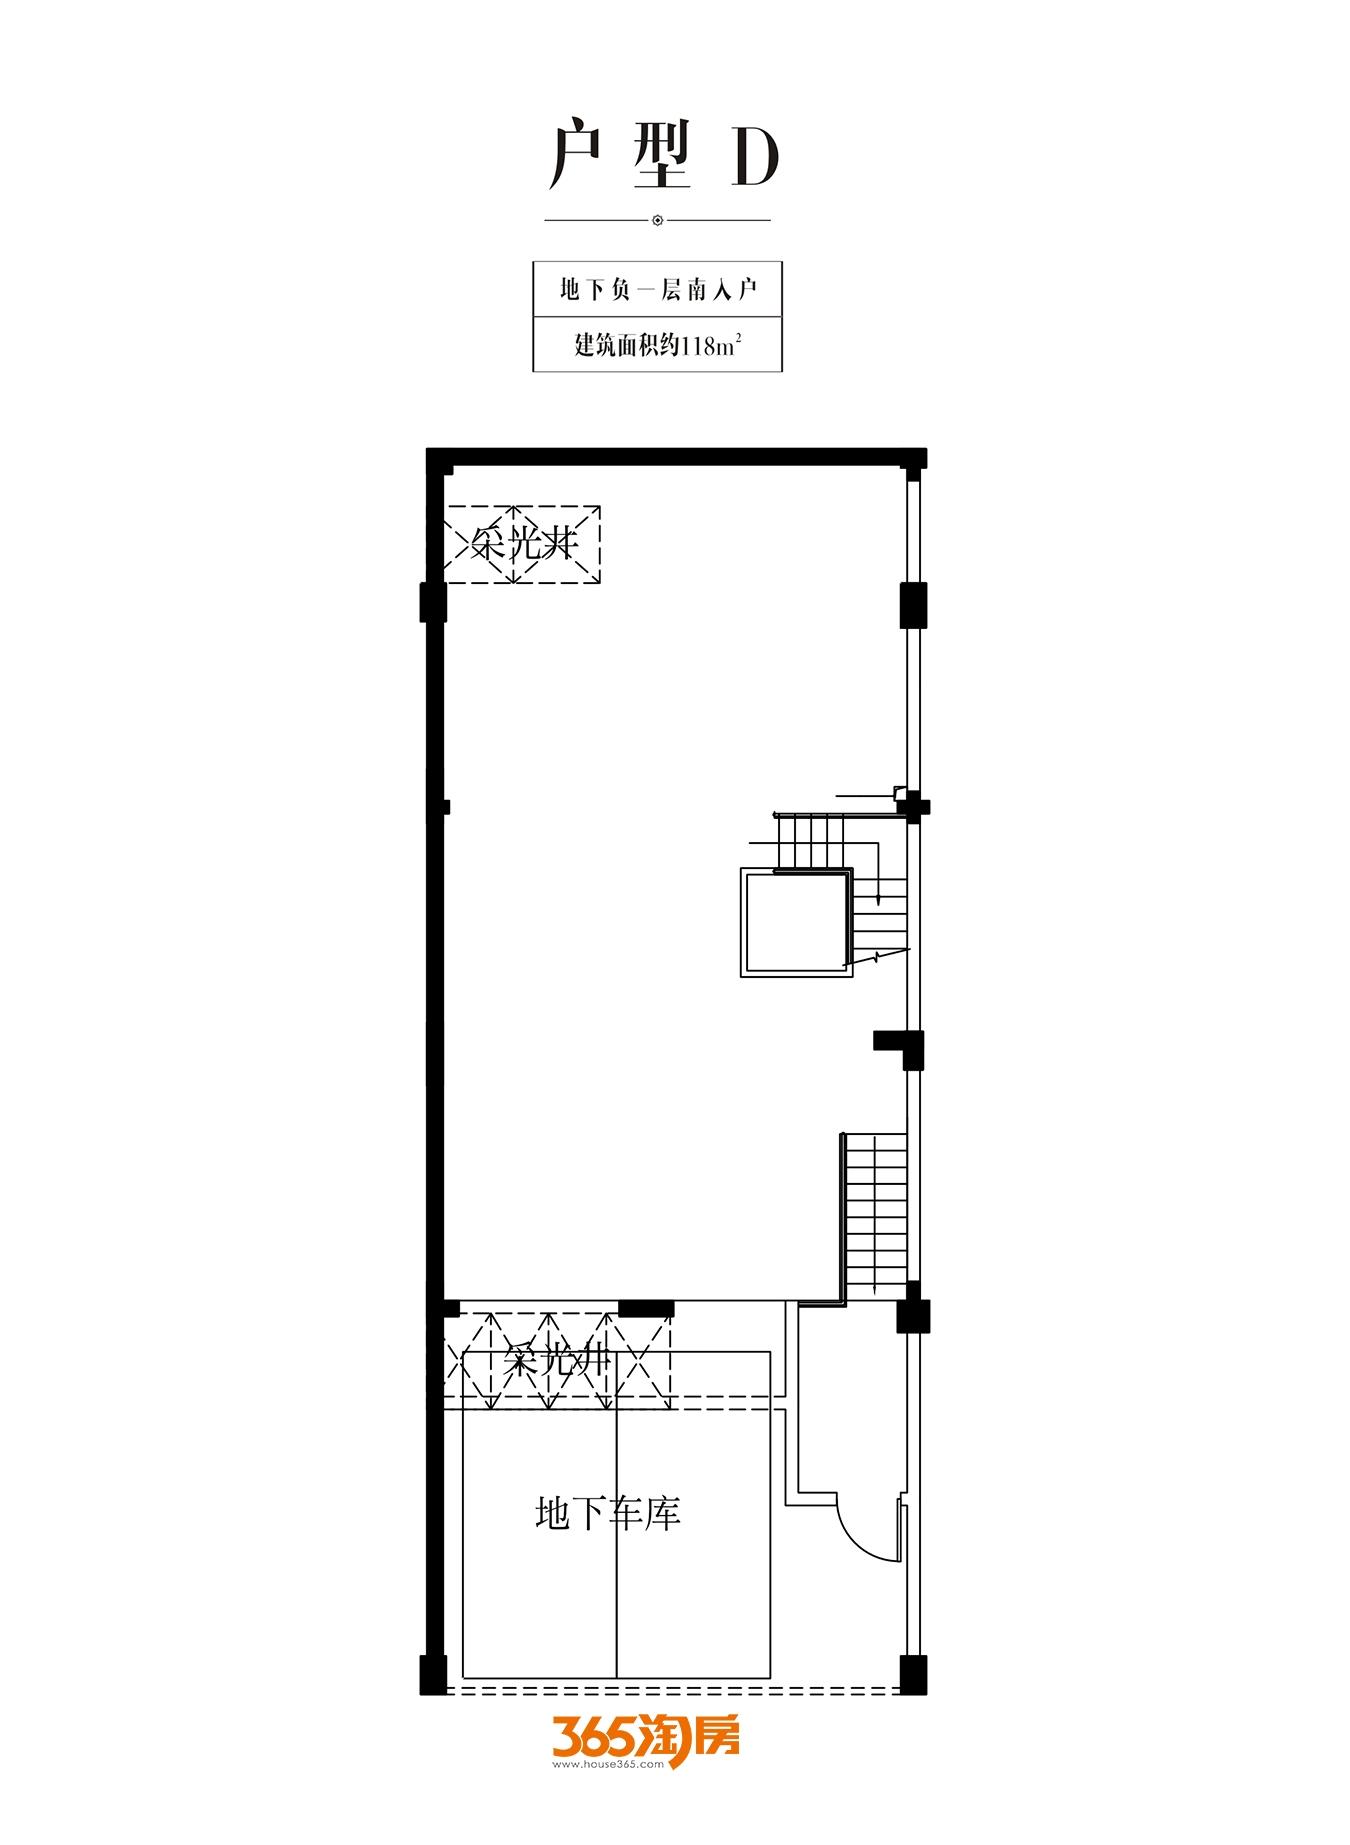 金科半岛壹号别墅地下负一层南入户D户型总面积361㎡